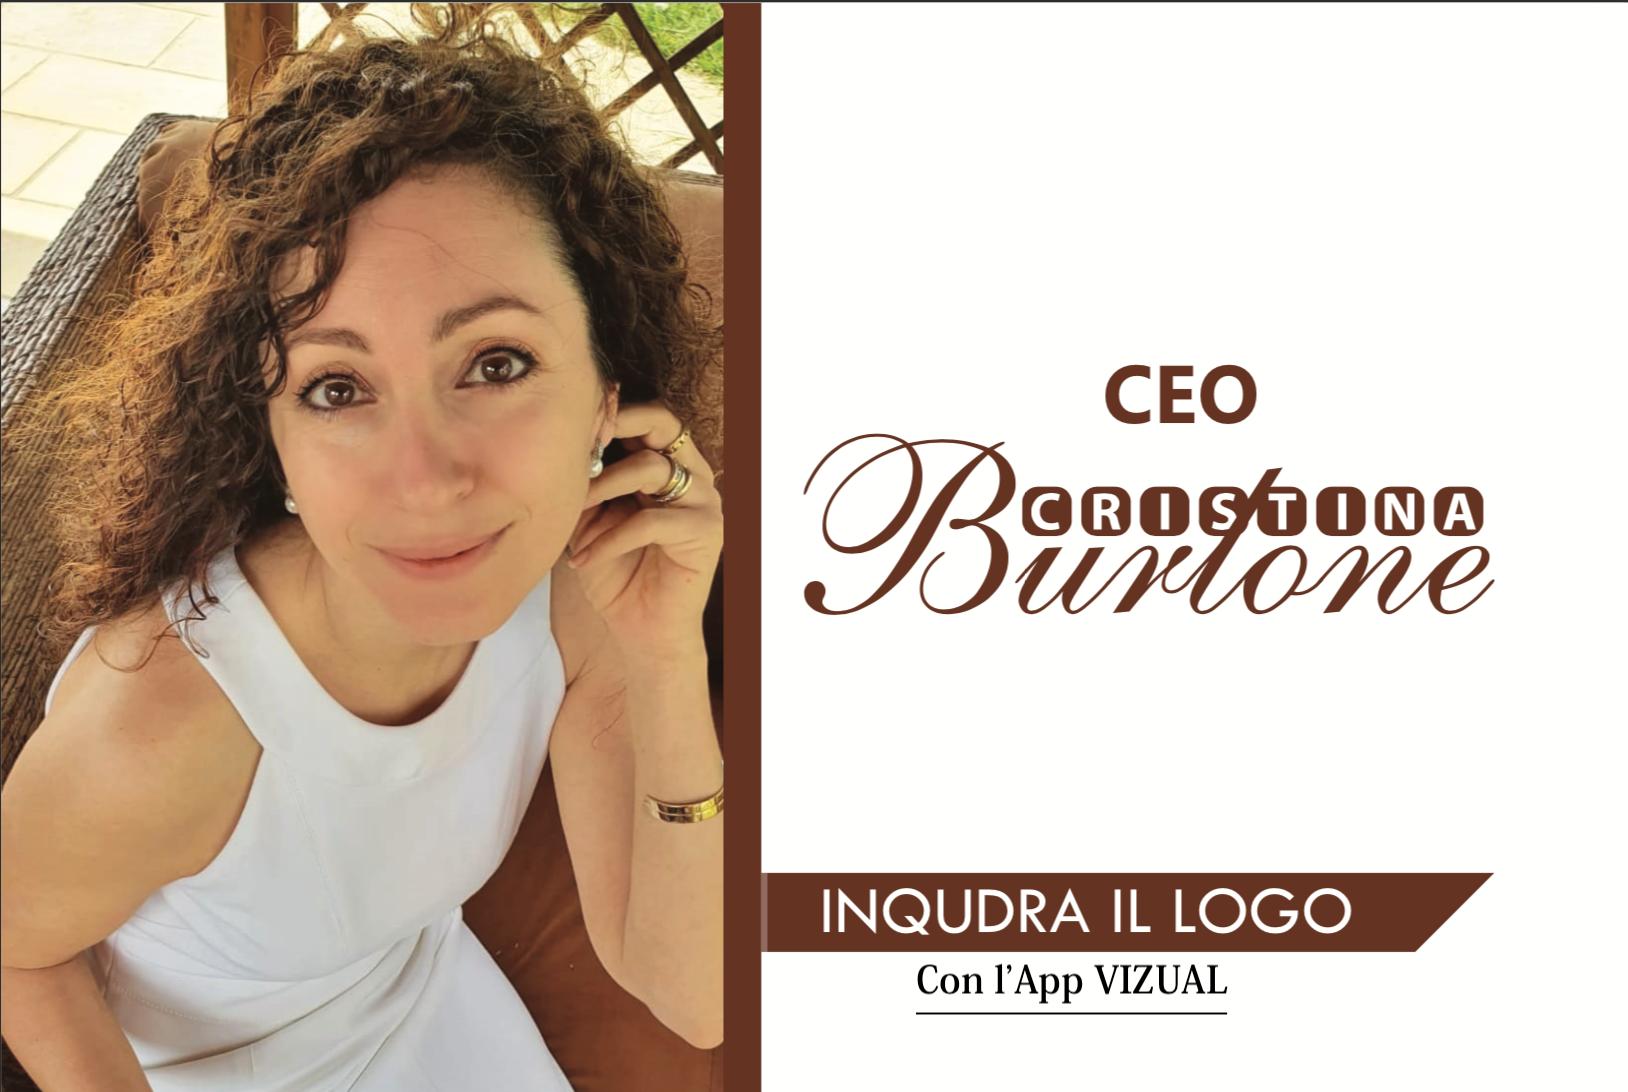 Cristina Burlone